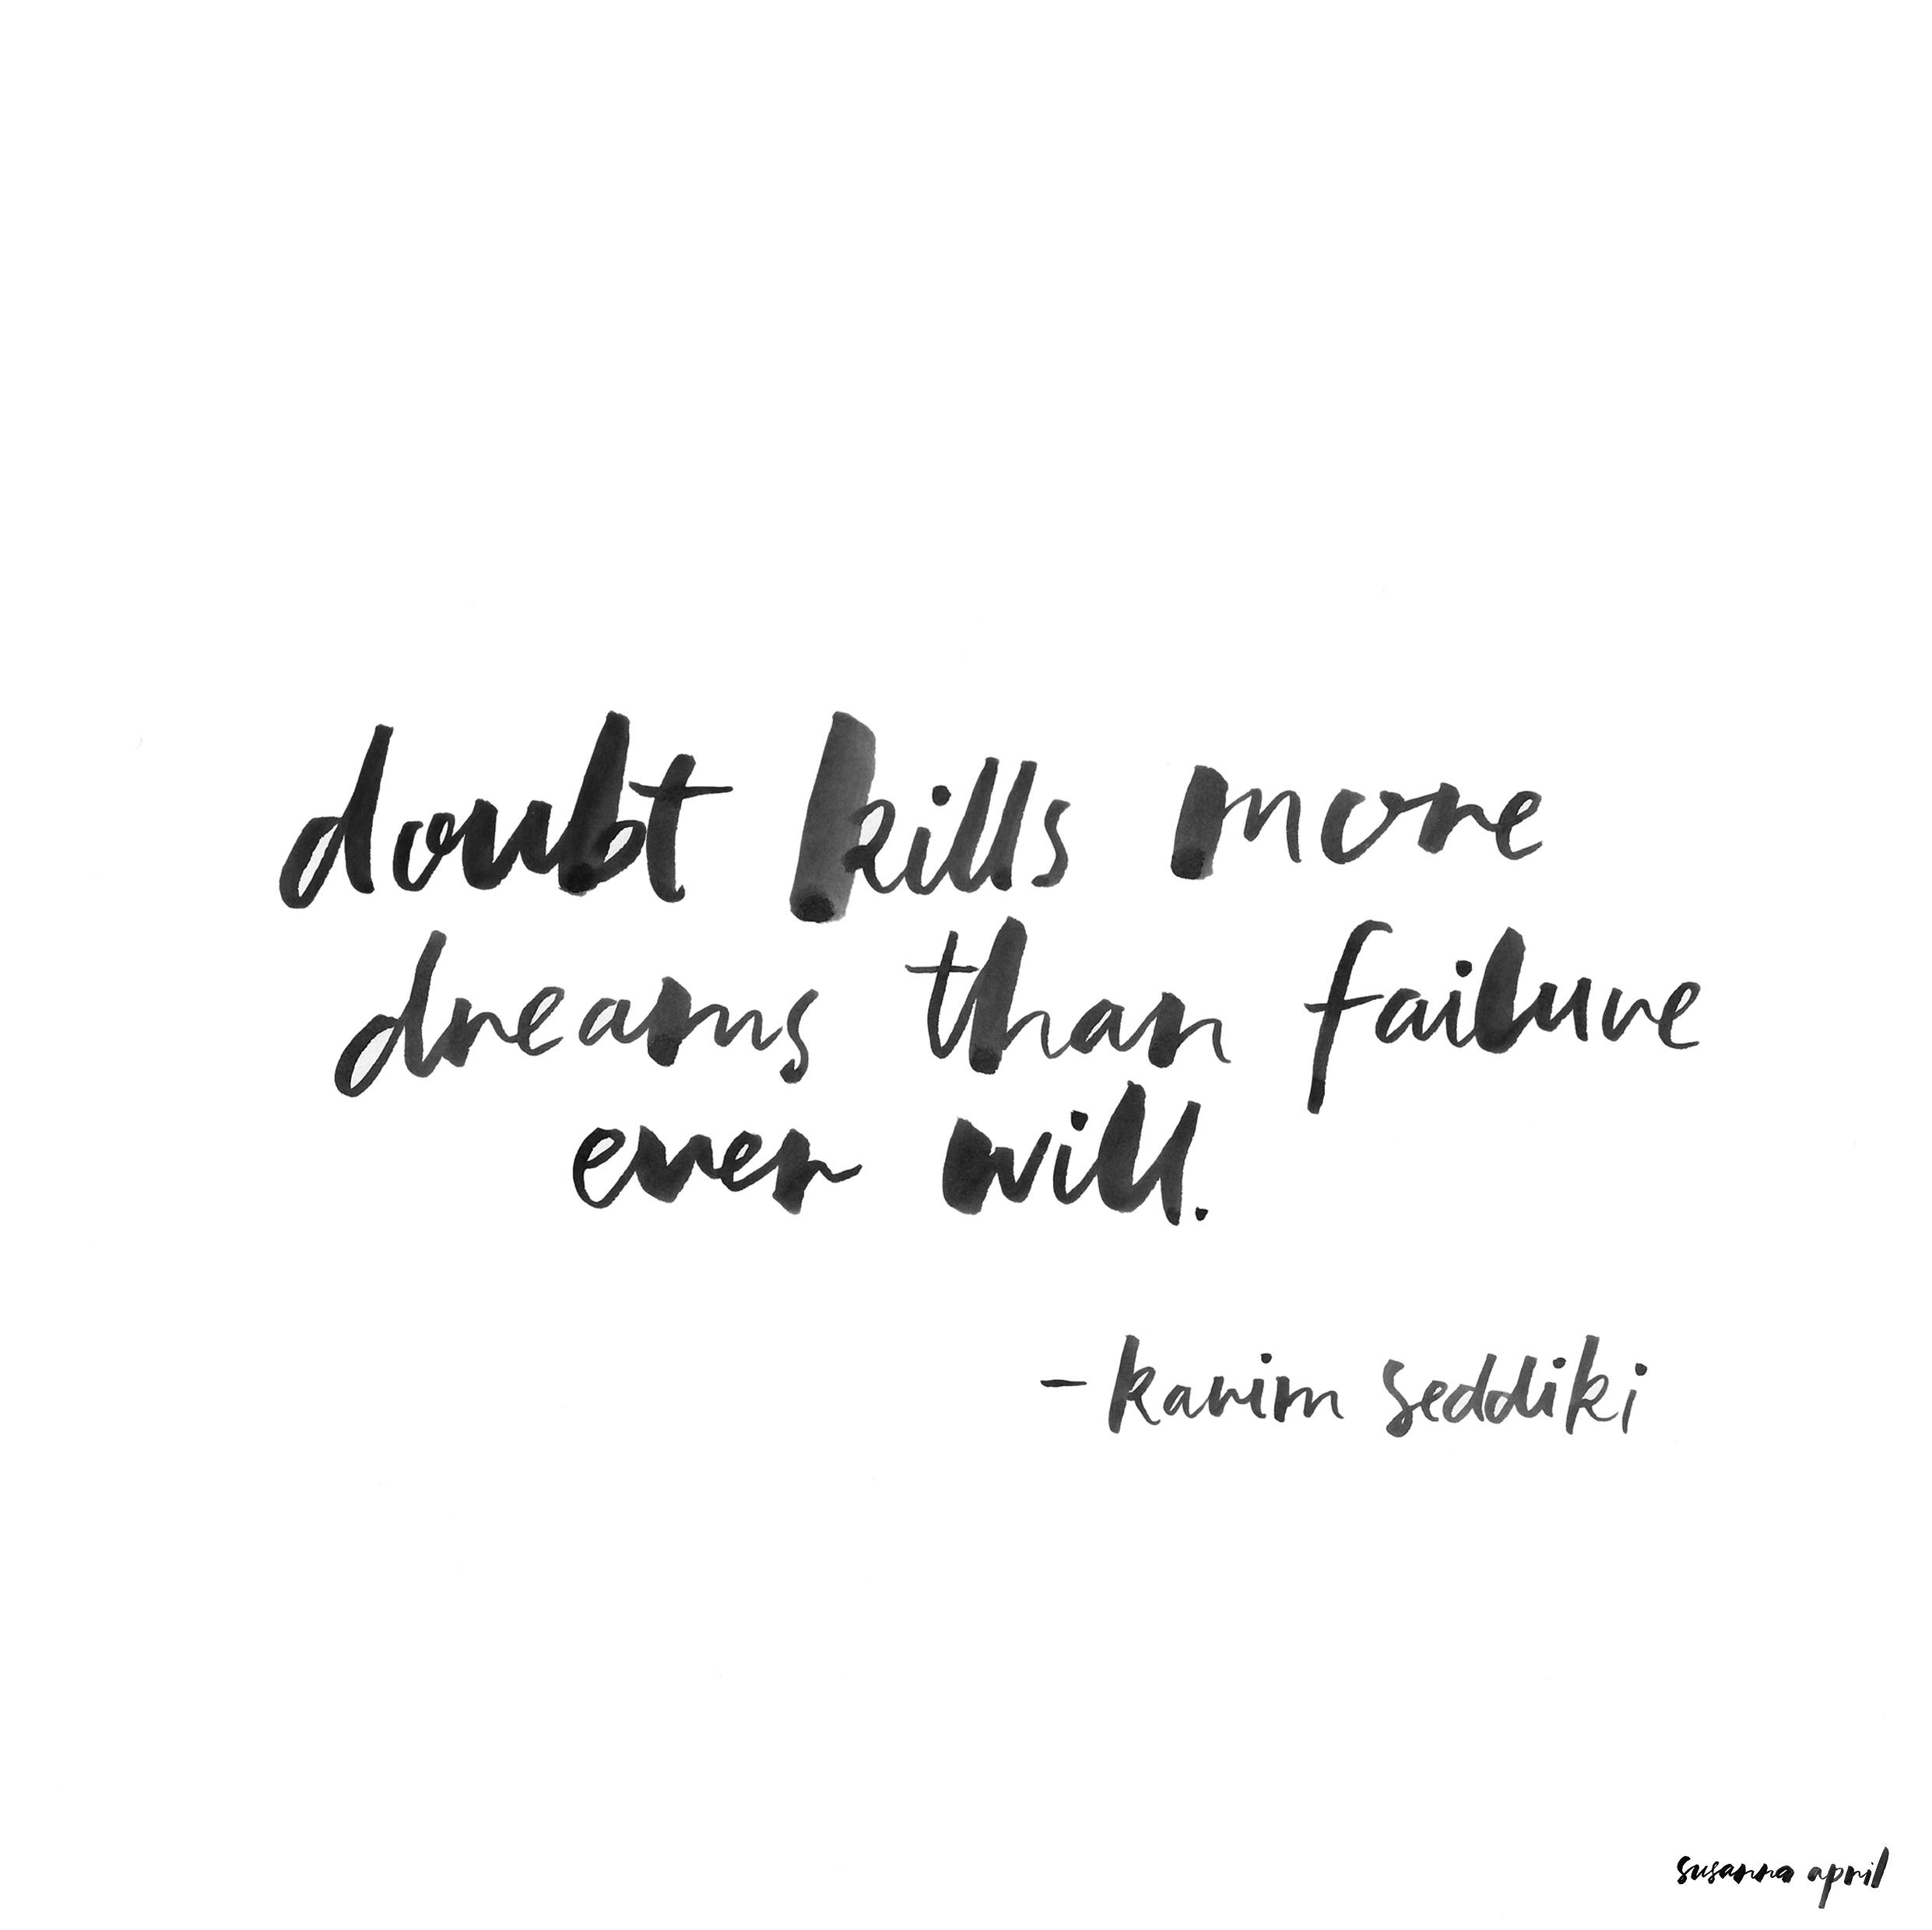 Doubt Kills quote